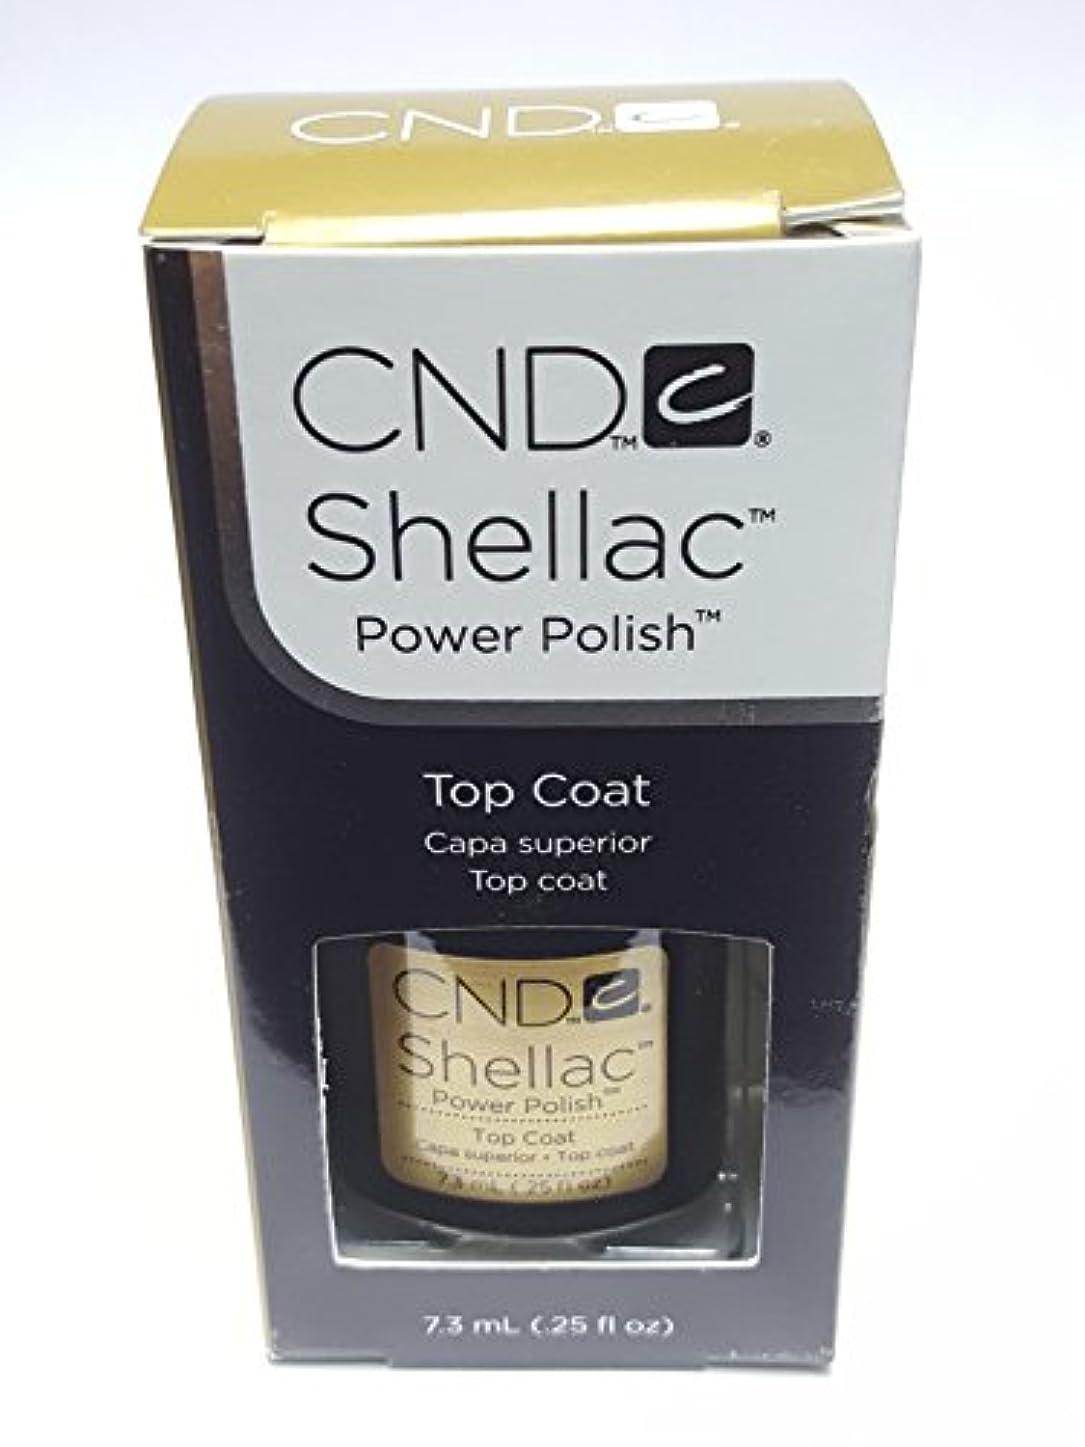 外観ベリ曲がったCND シーエヌディー shellac シェラック パワーポリッシュ UVトップコート 7.3ml 炭酸泉タブレット1個付き